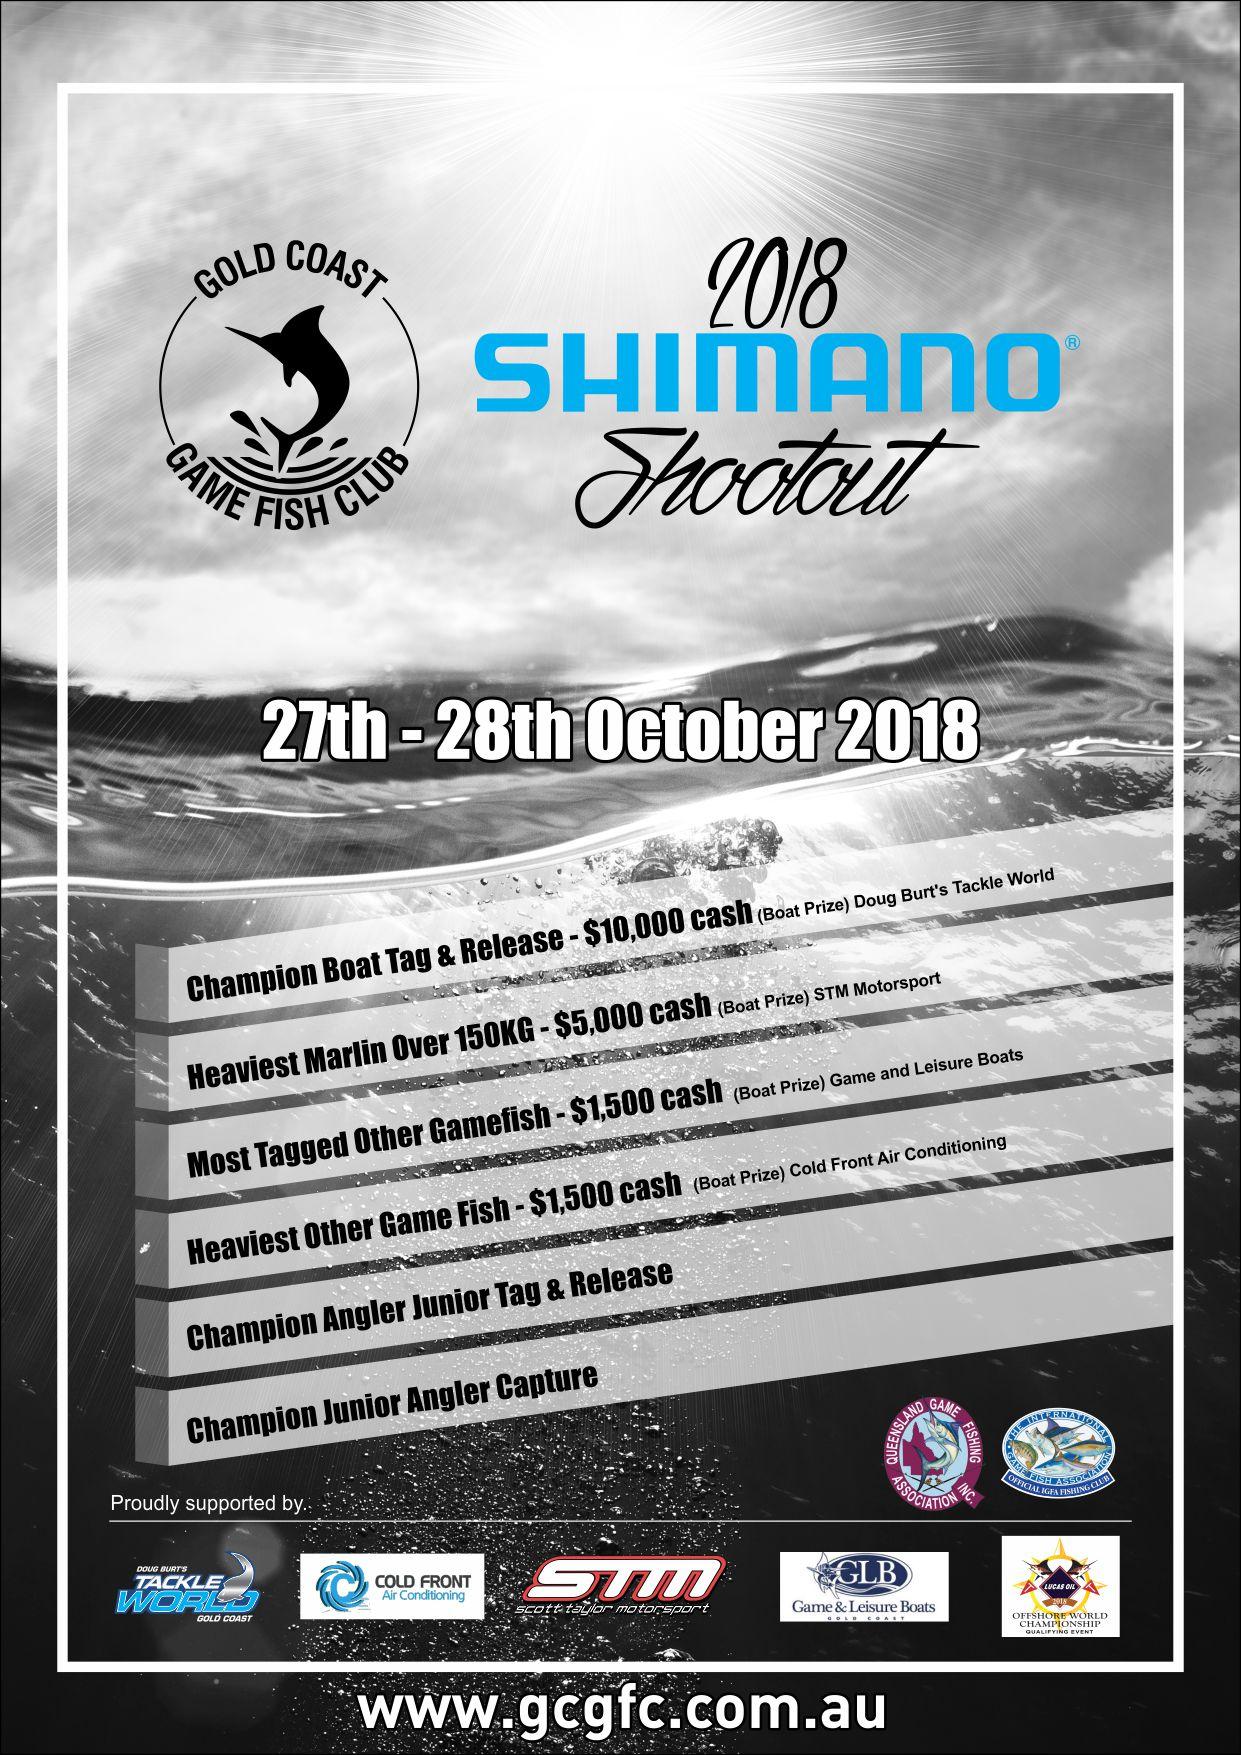 2018 Shimano Shootout – Now 26-28th October